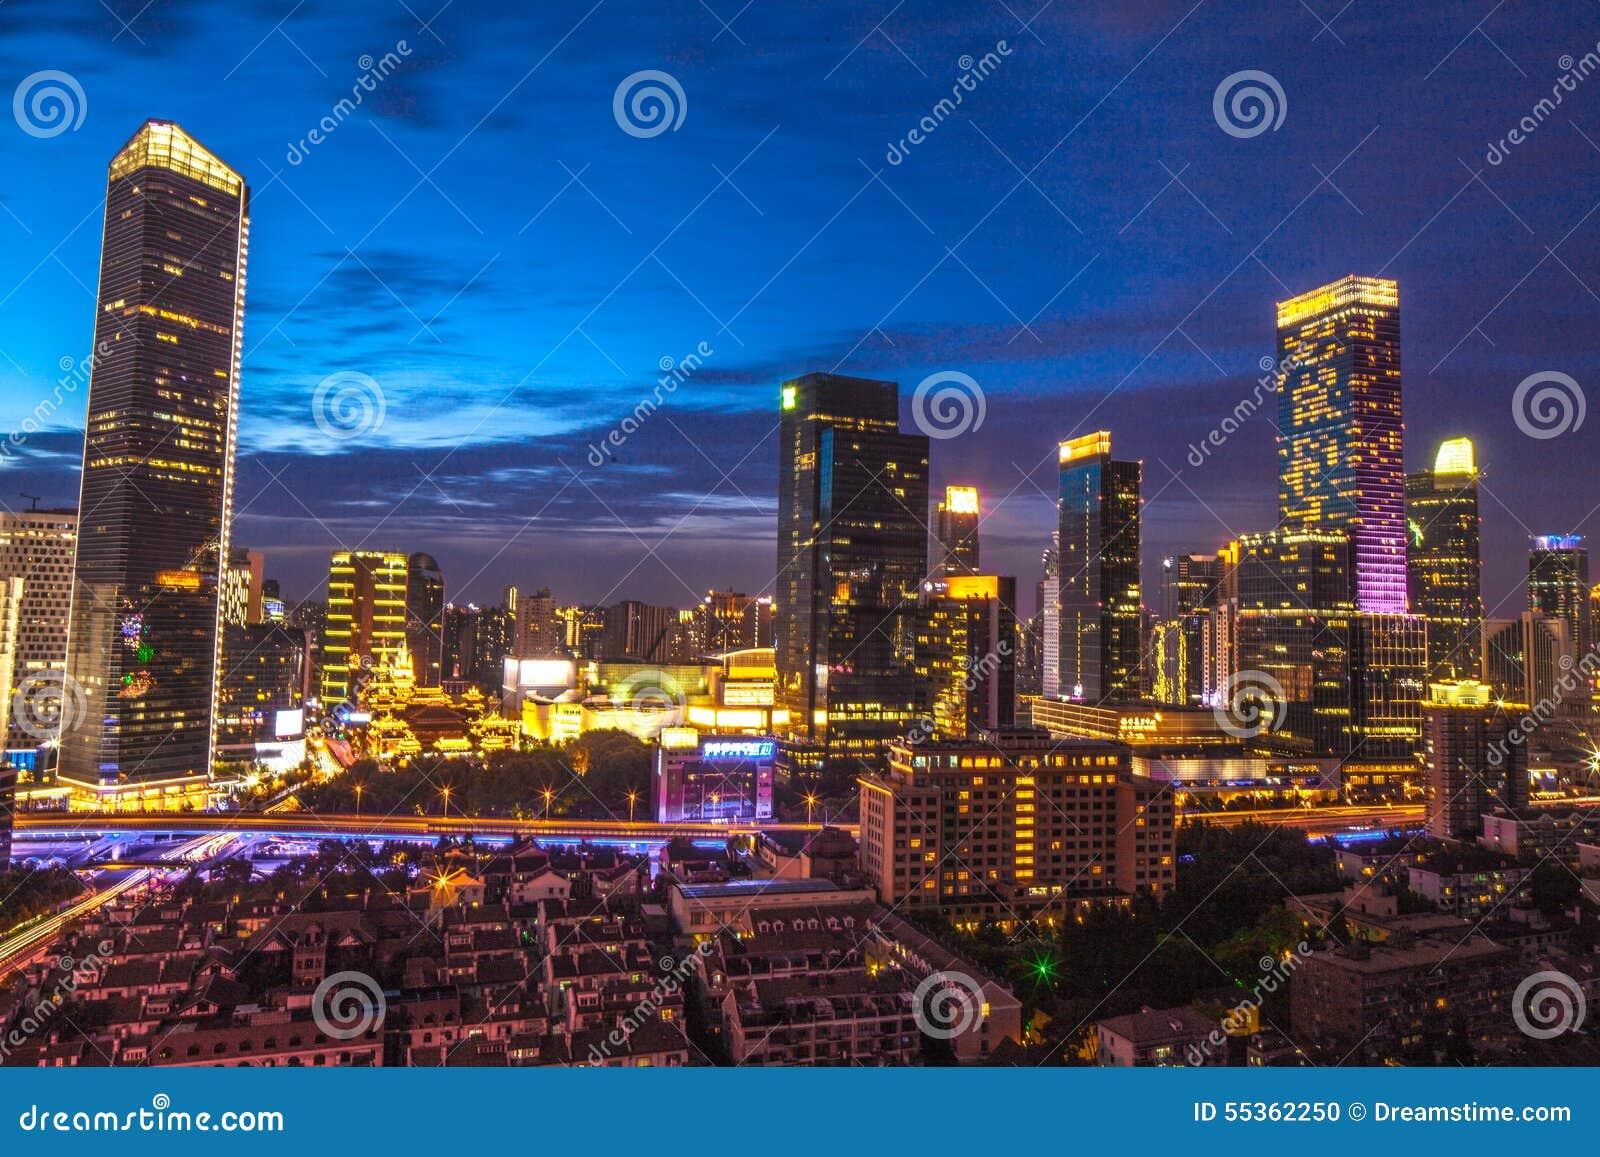 Shanghai CBD